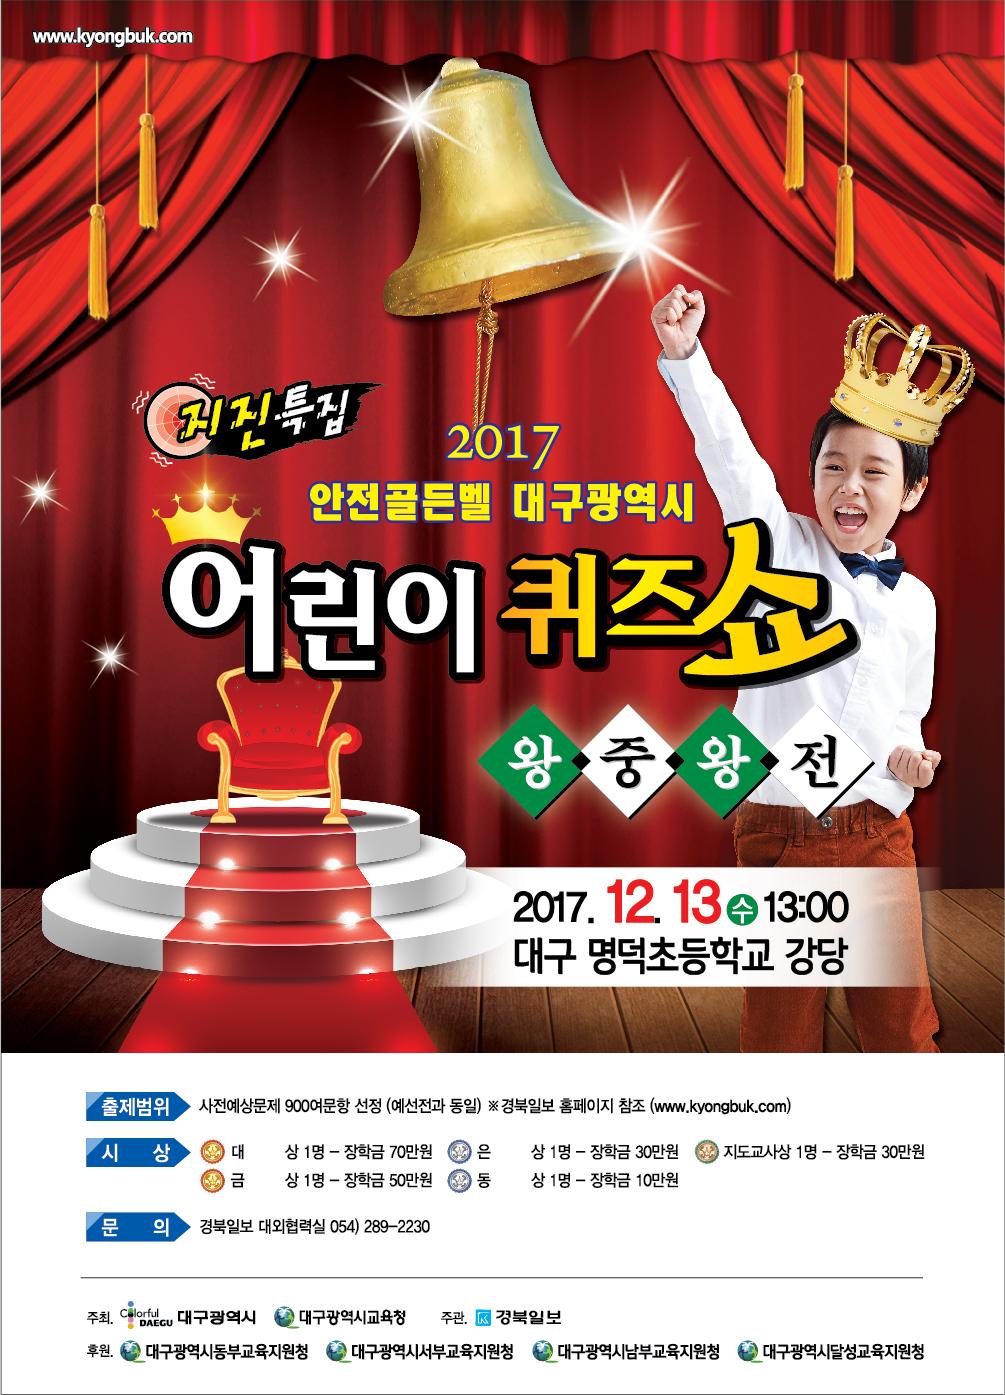 2017_안전골든벨 대구광역시 어린이퀴즈쇼 왕중왕전_pop.png